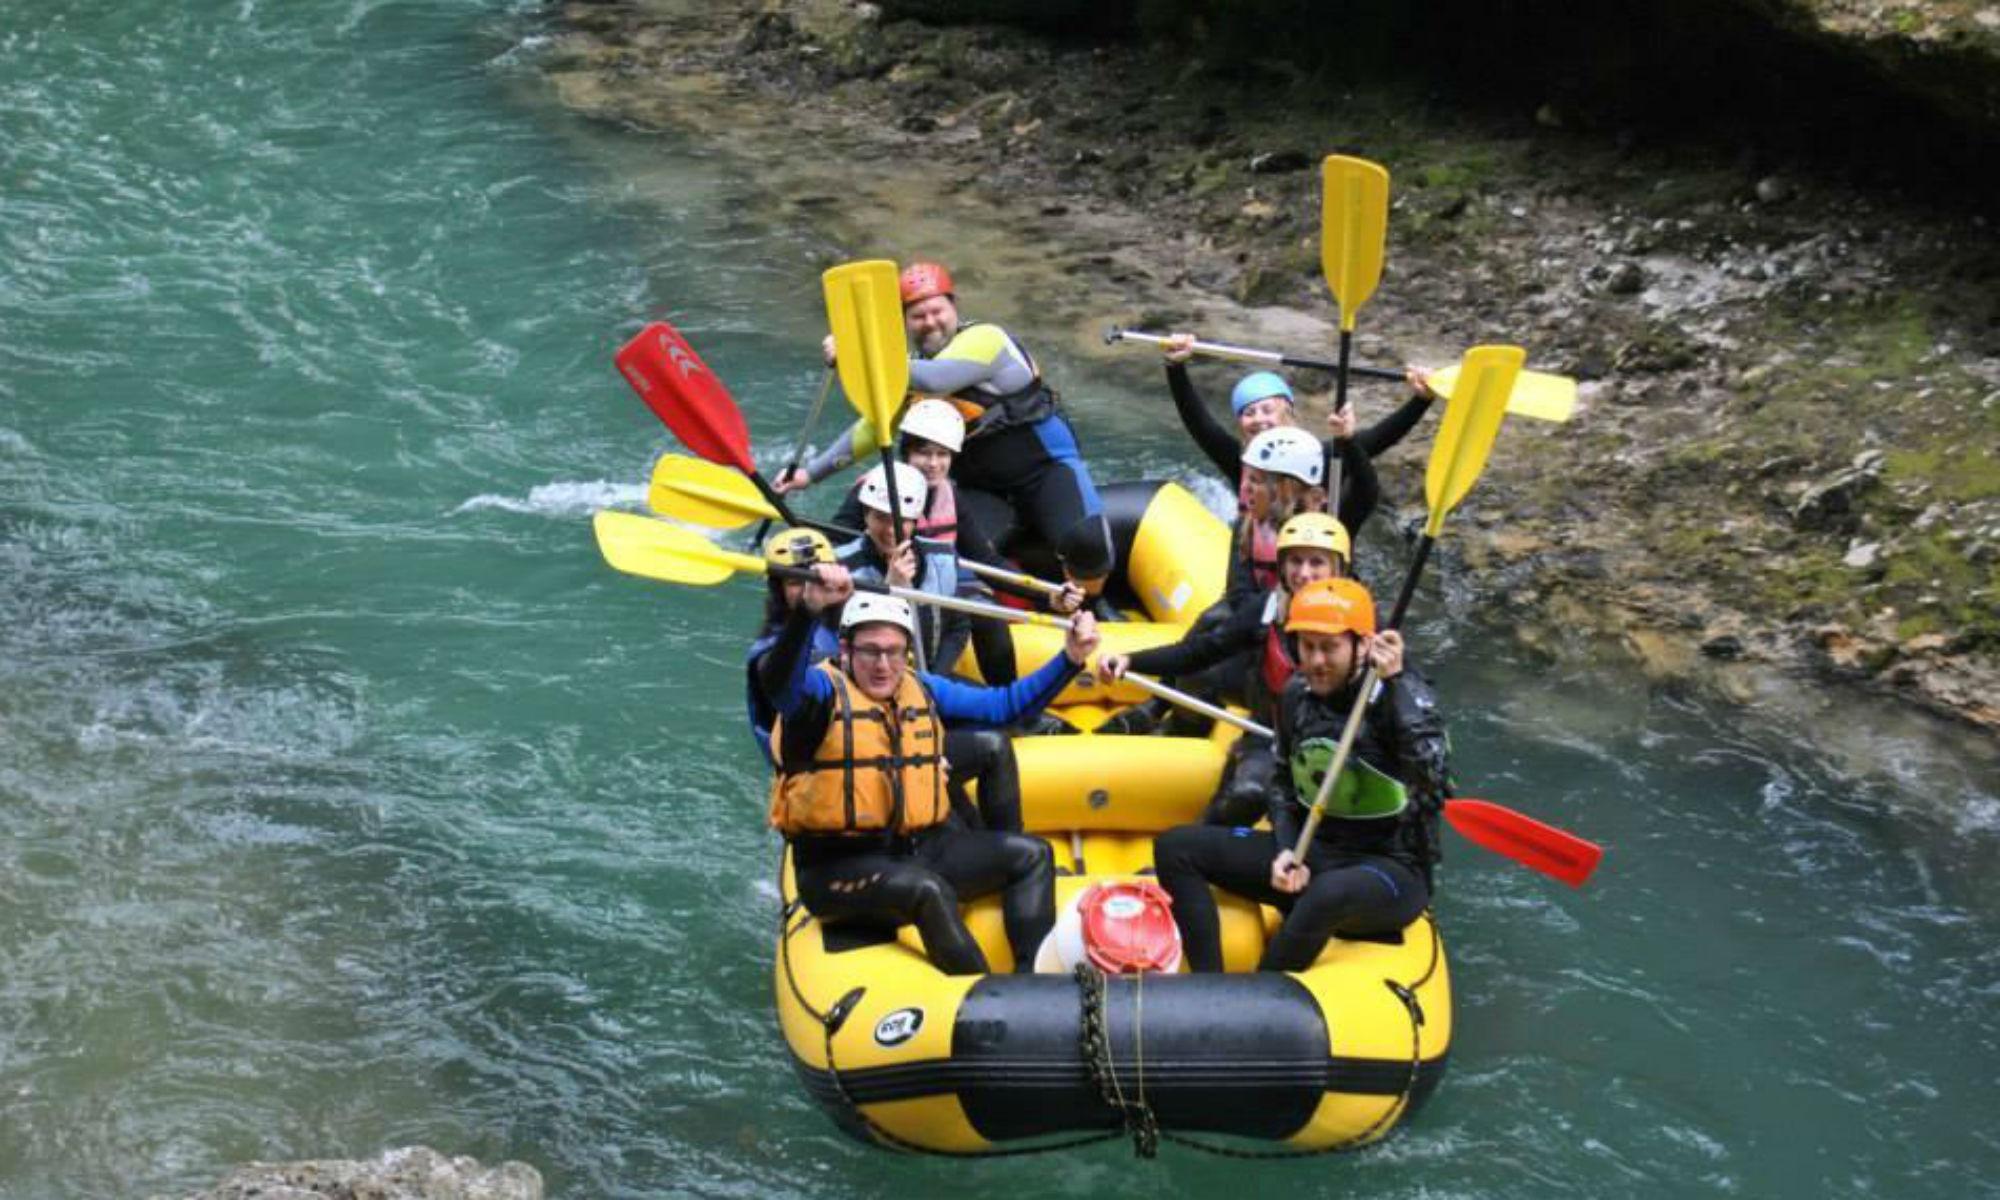 Eine Gruppe in einem Schlauchboot auf der Salza beim Rafting in Österreich.